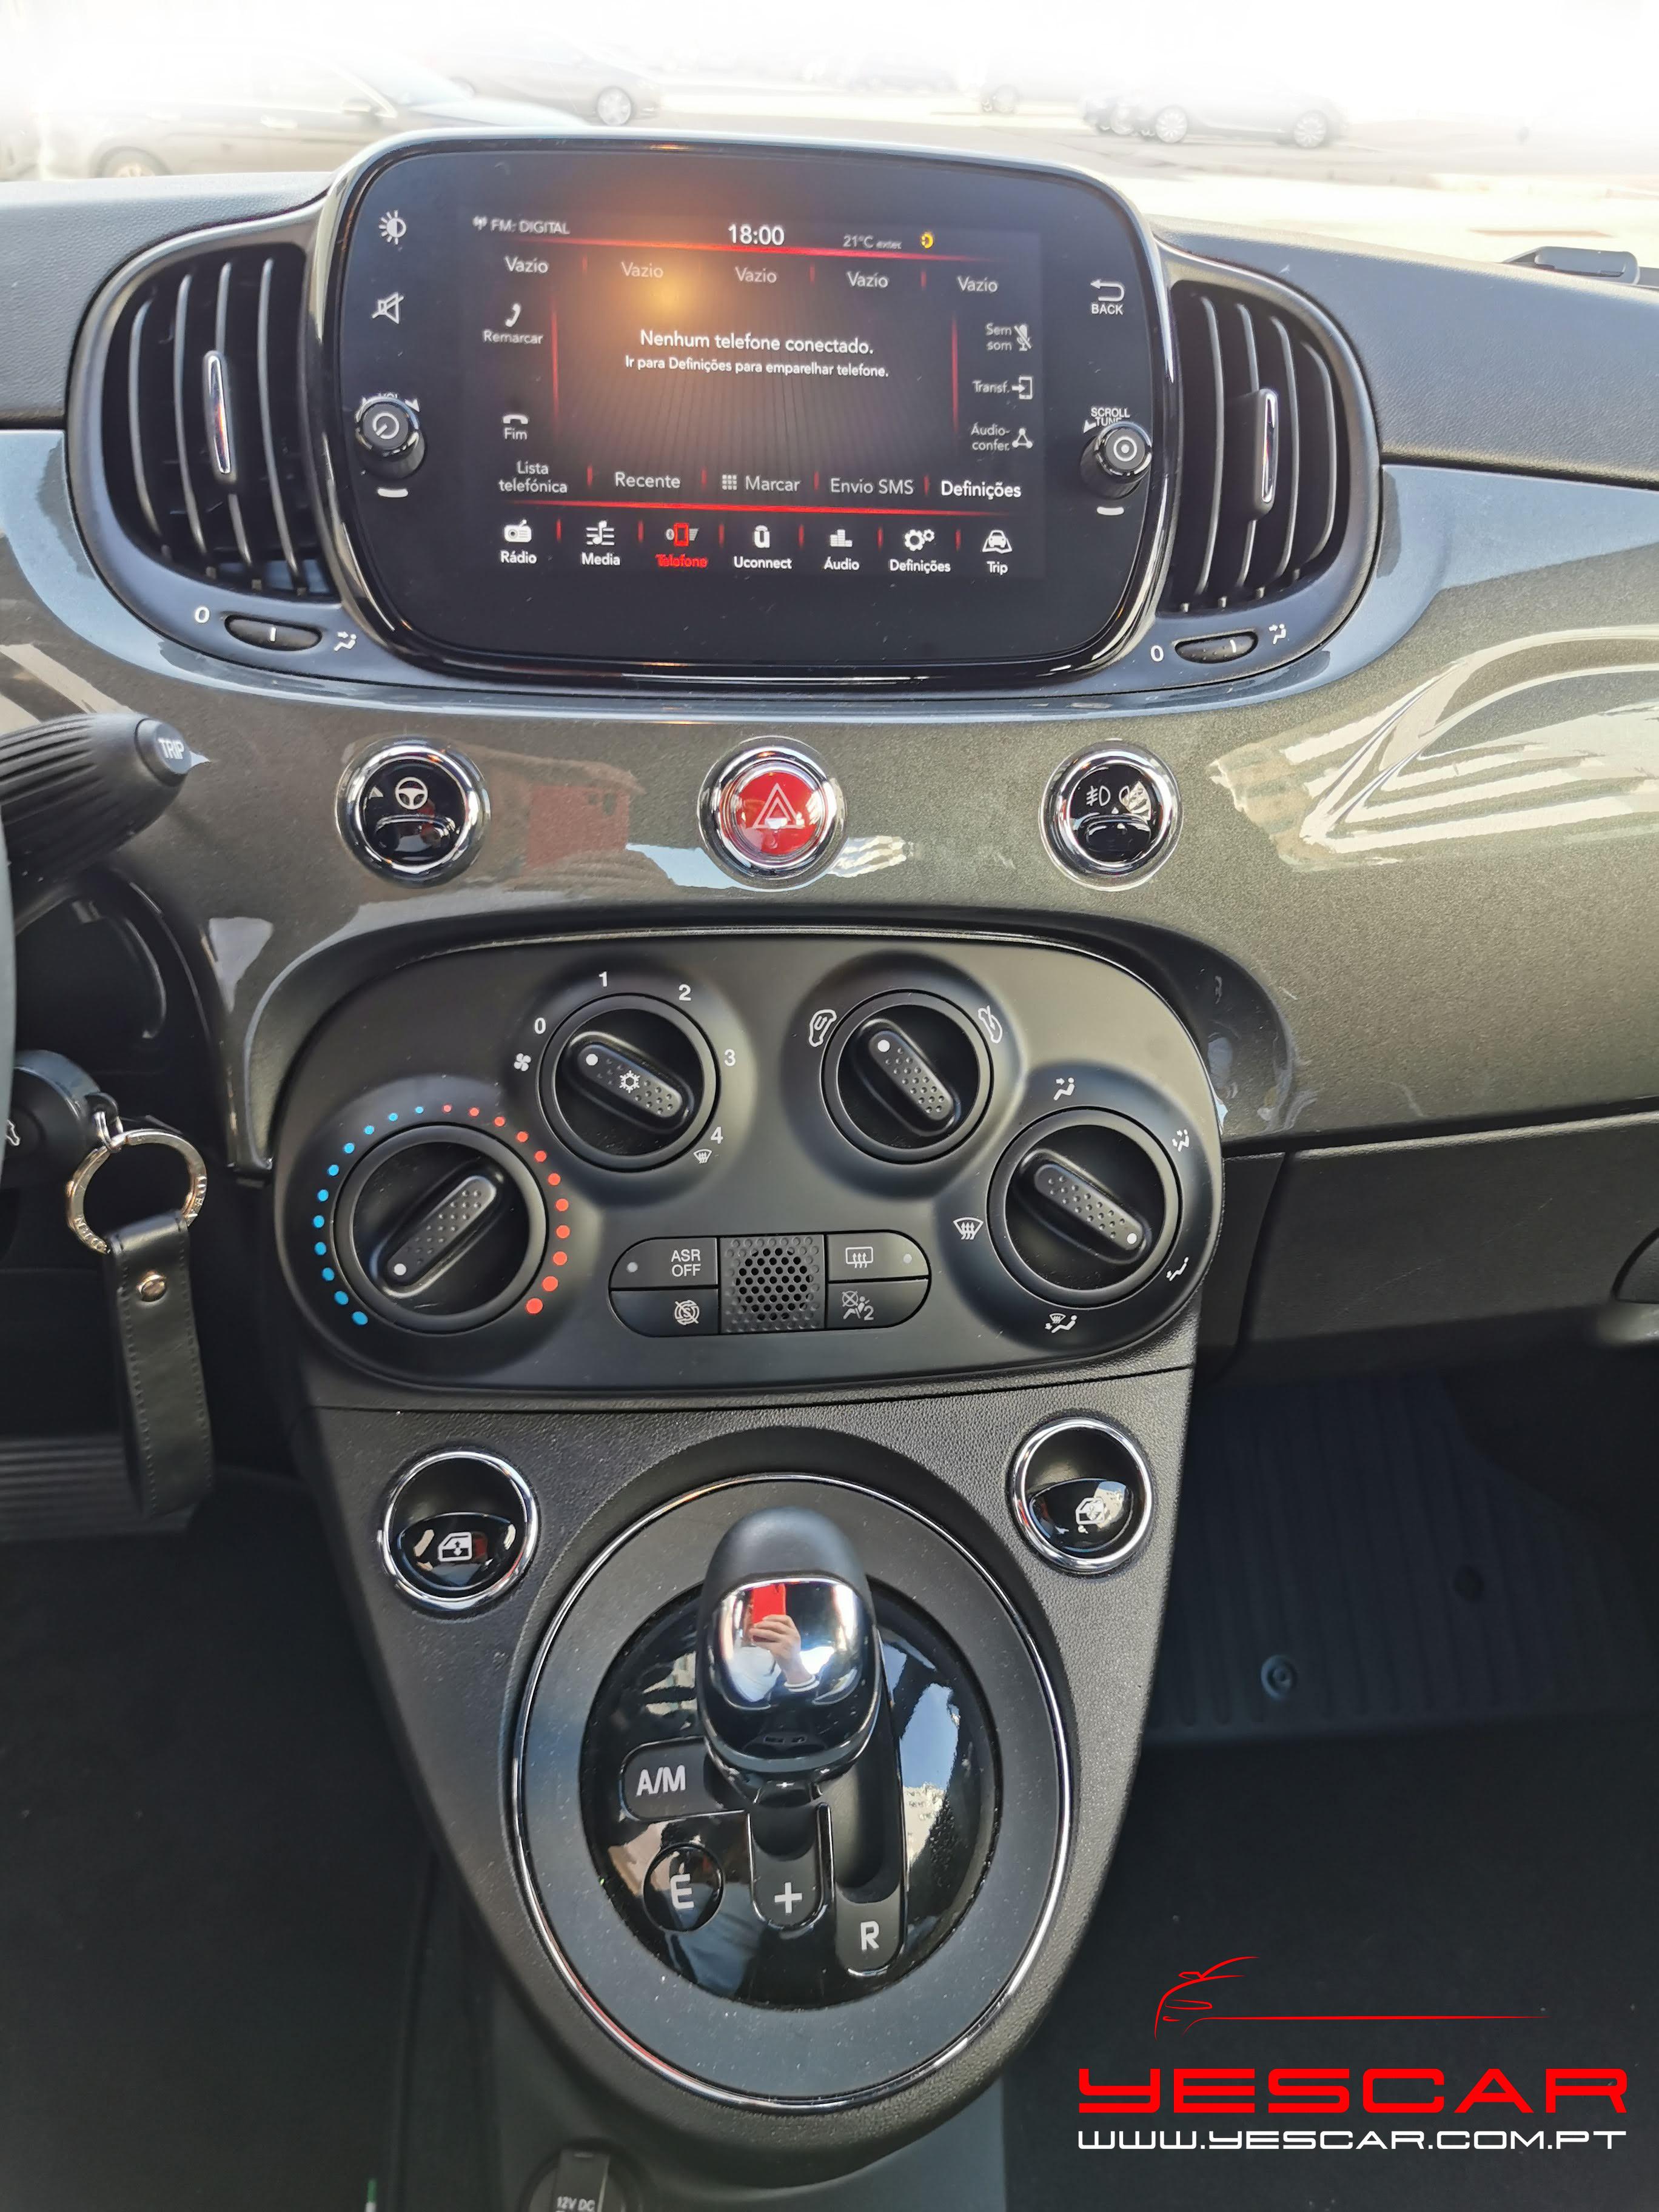 YESCAR_Fiat 500 CC (11)